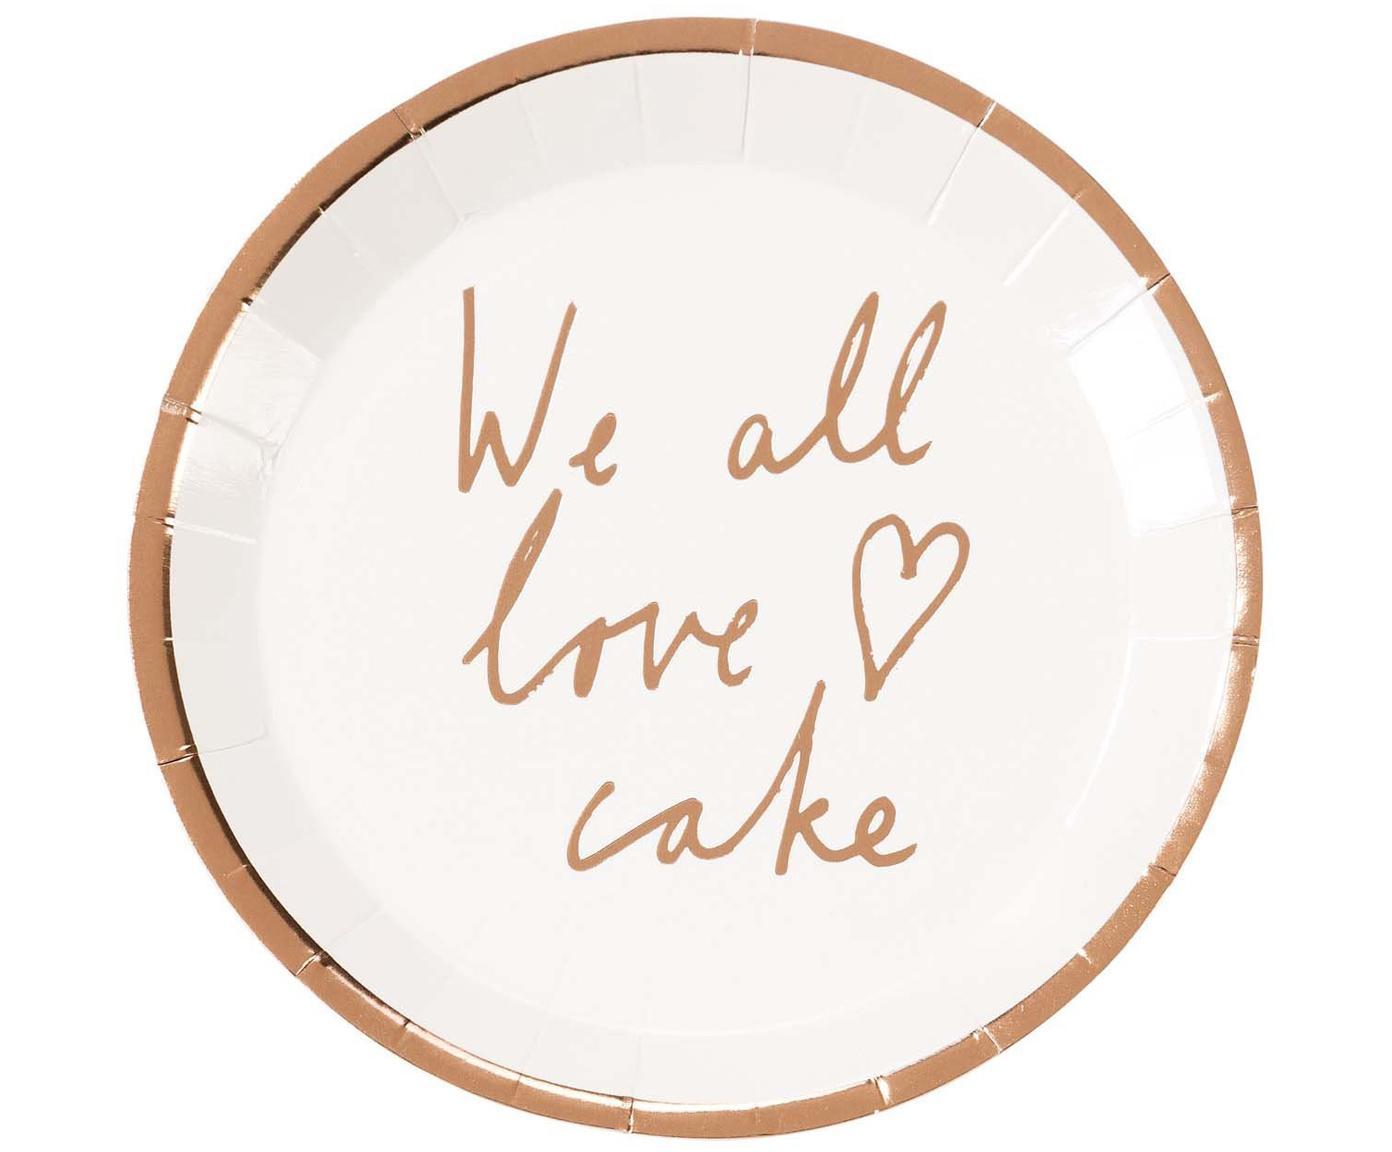 Papier-Teller We All Love Cake, 12 Stück, Papier, Weiß, Roségoldfarben, Ø 15 x H 2 cm